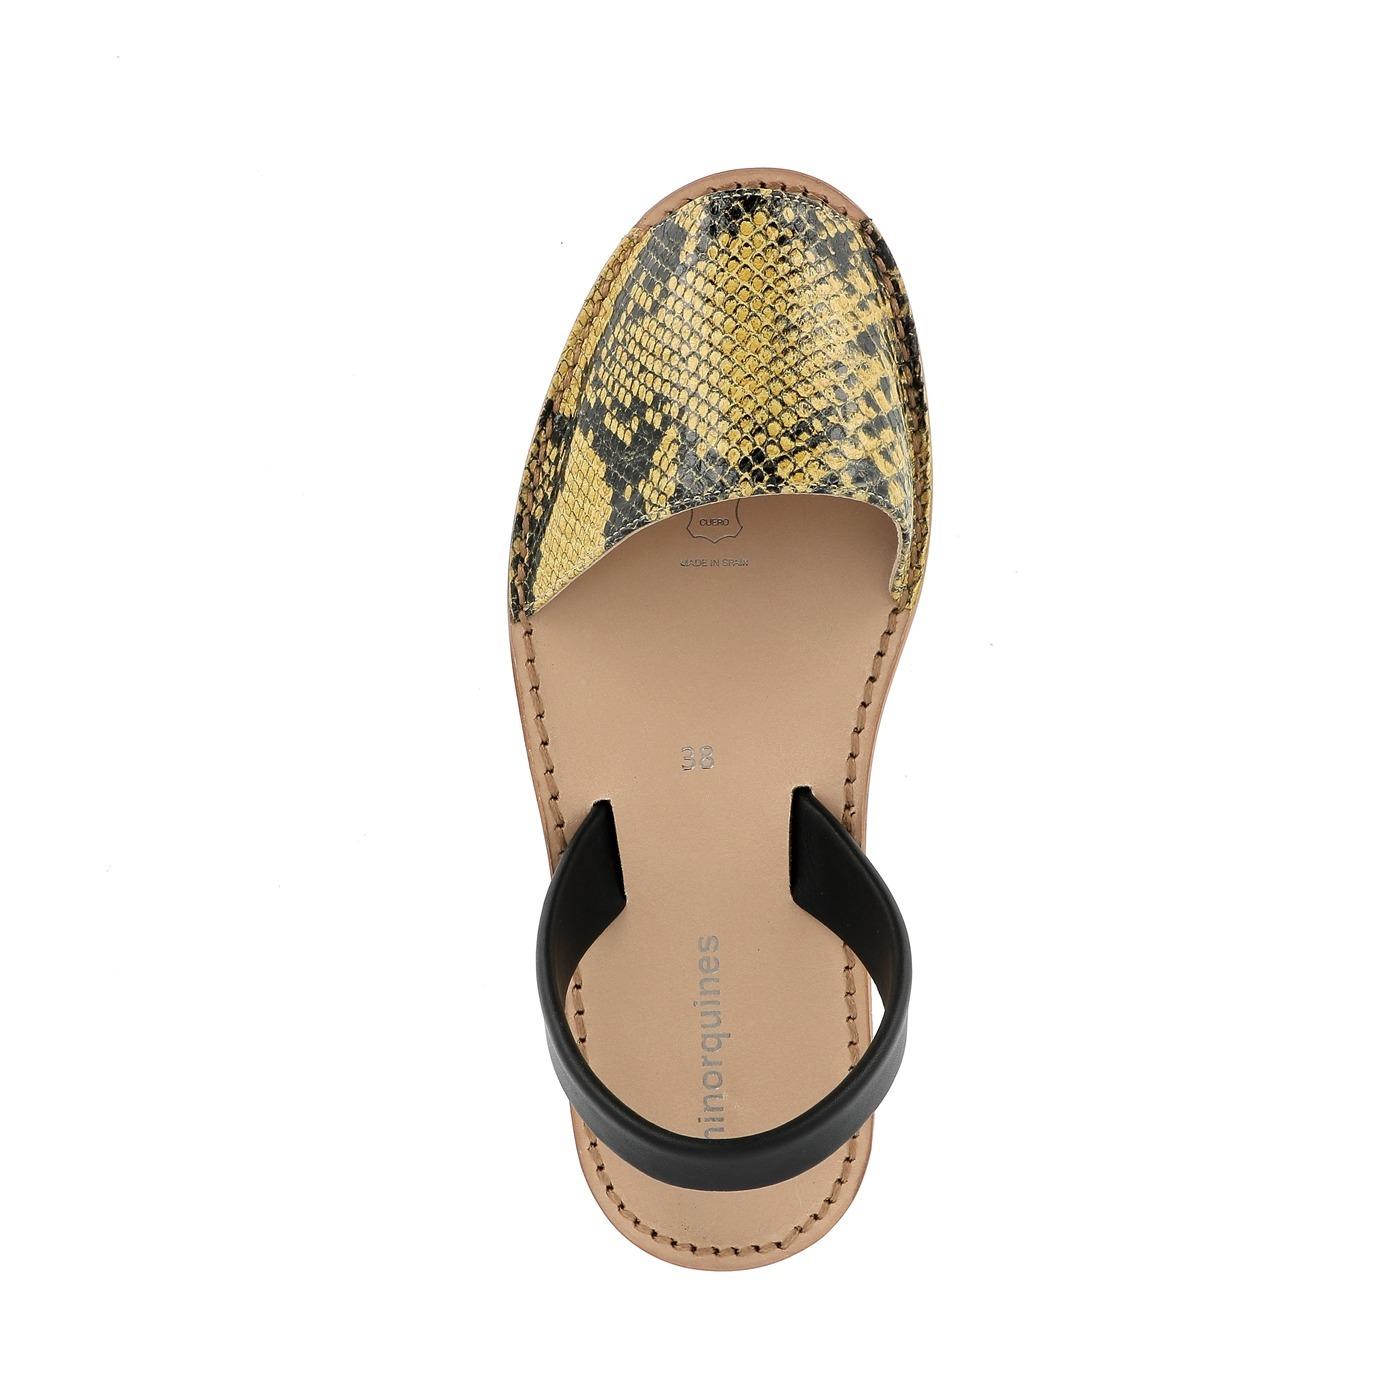 Sandales Cuir Compostelle Collection Ado et Femme Noir